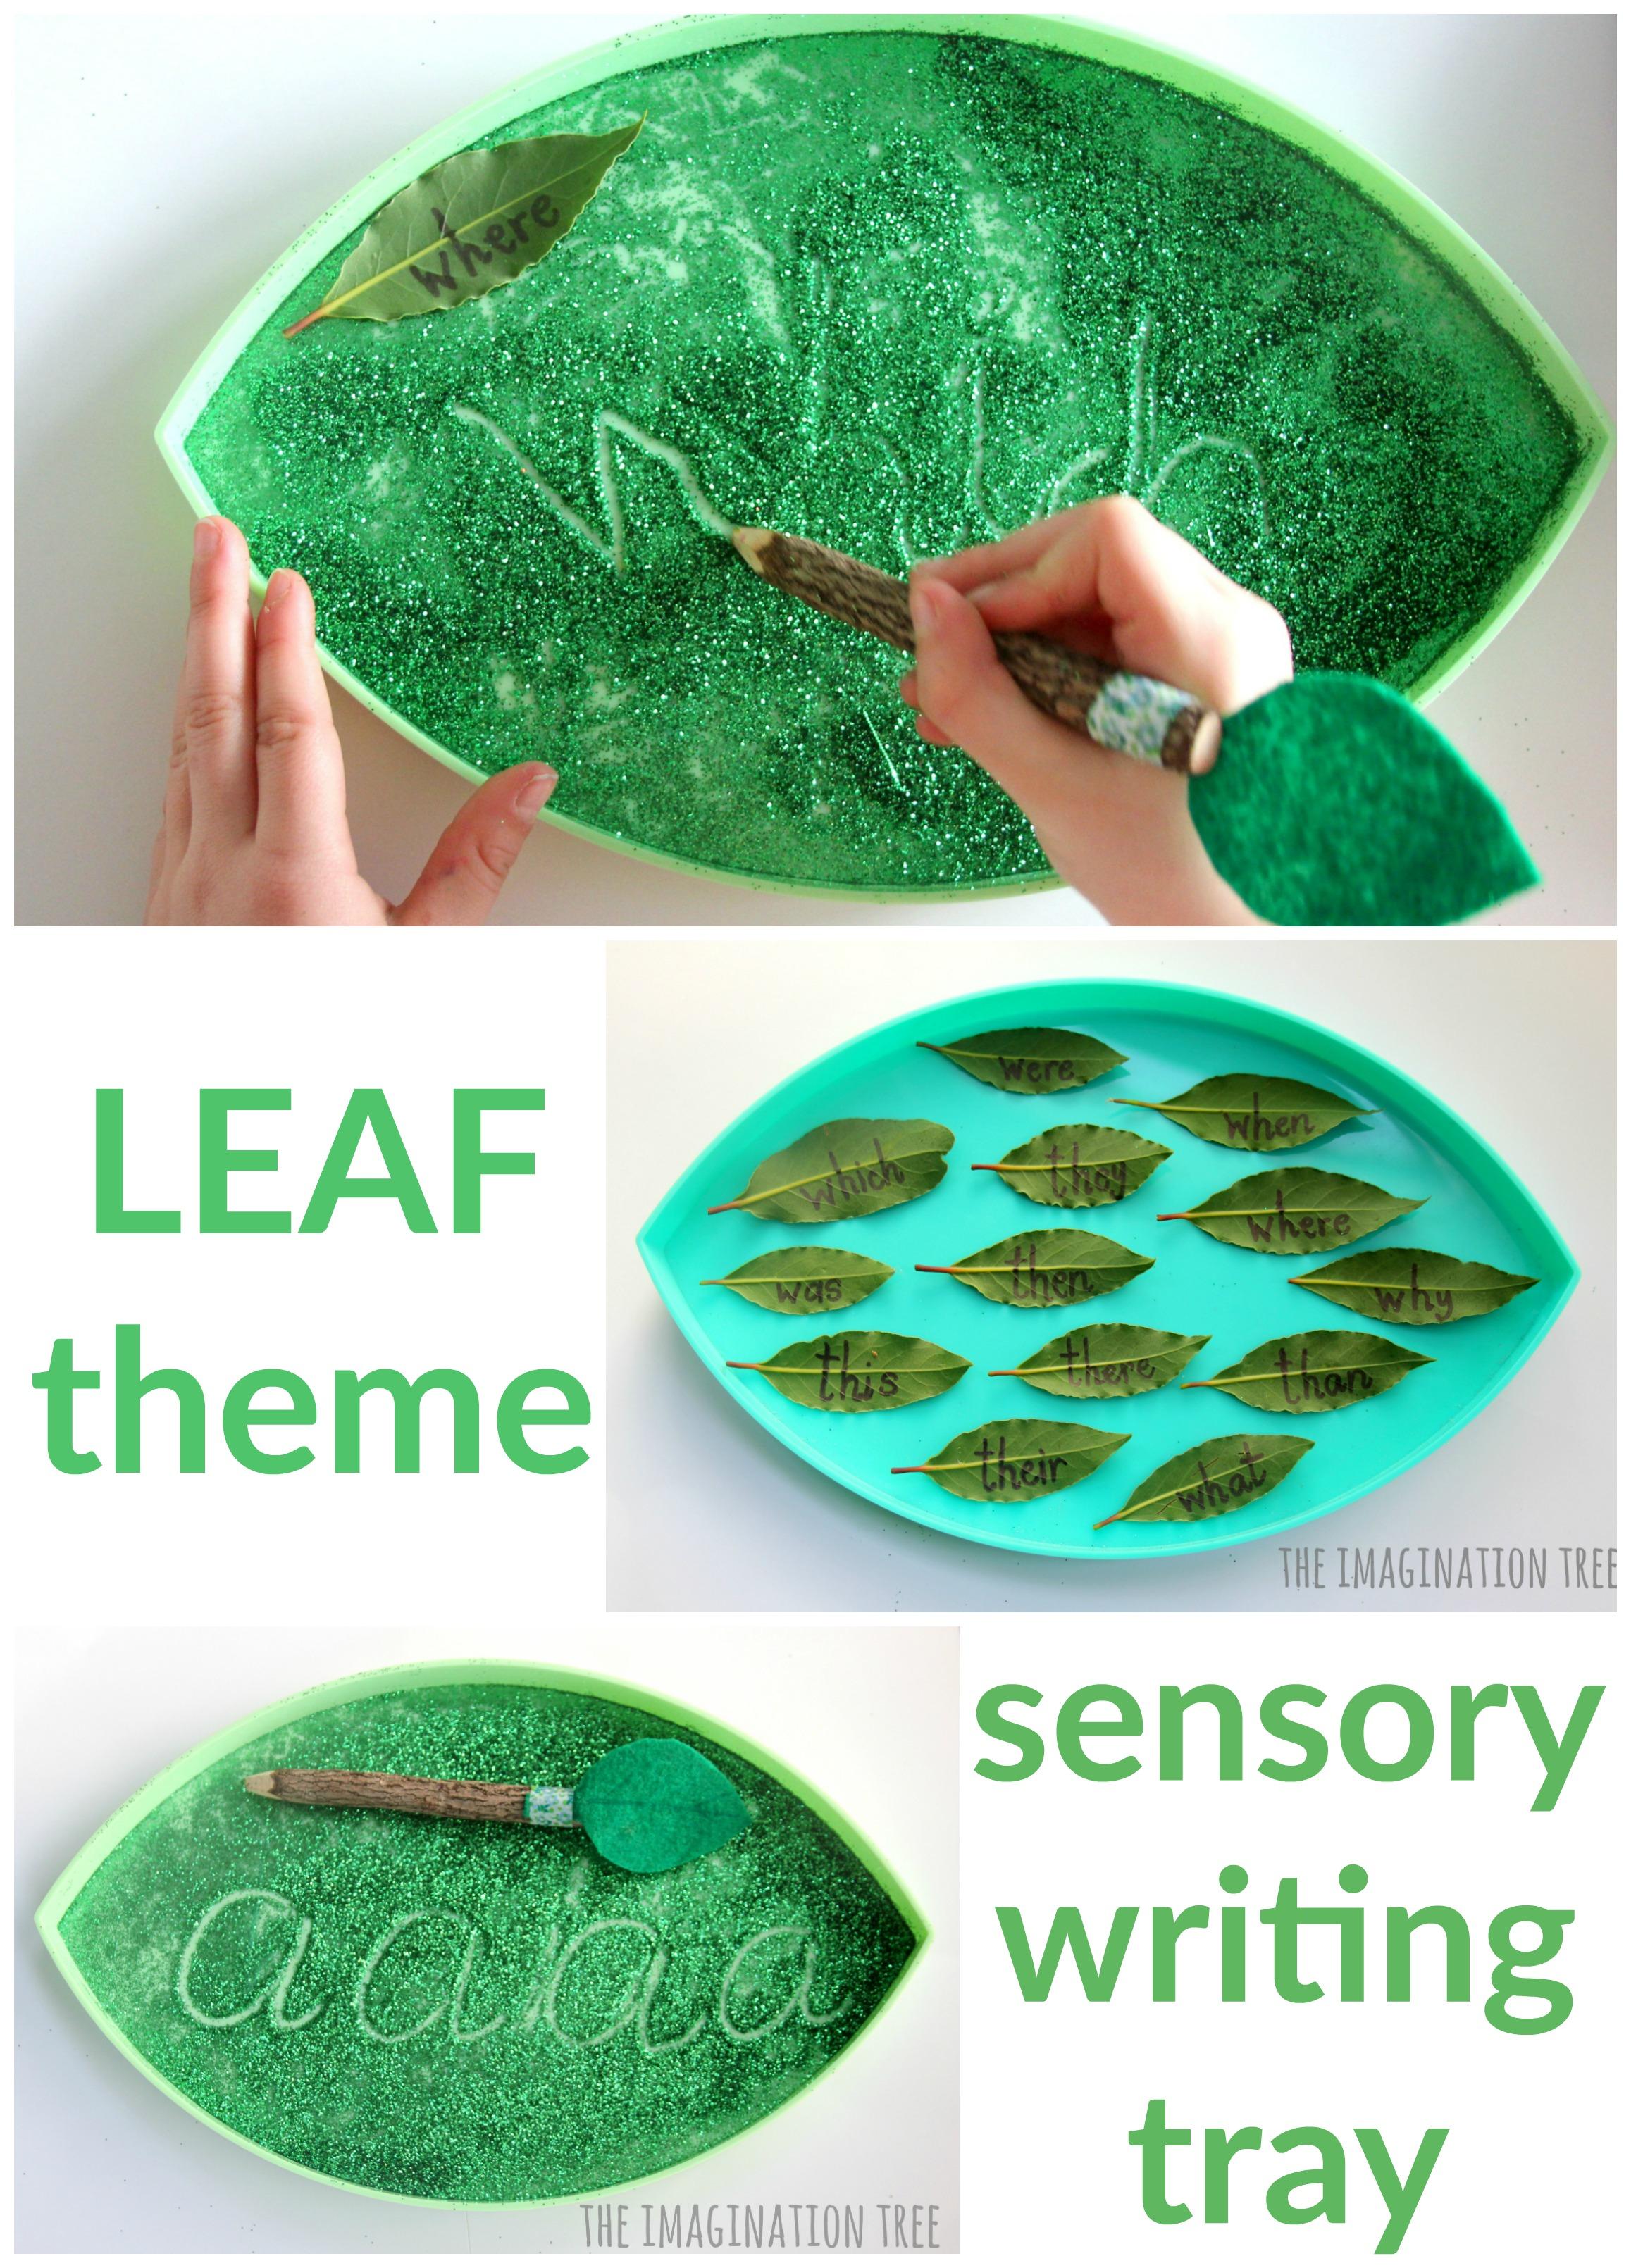 Rainbow Sensory Writing Tray - The Imagination Tree